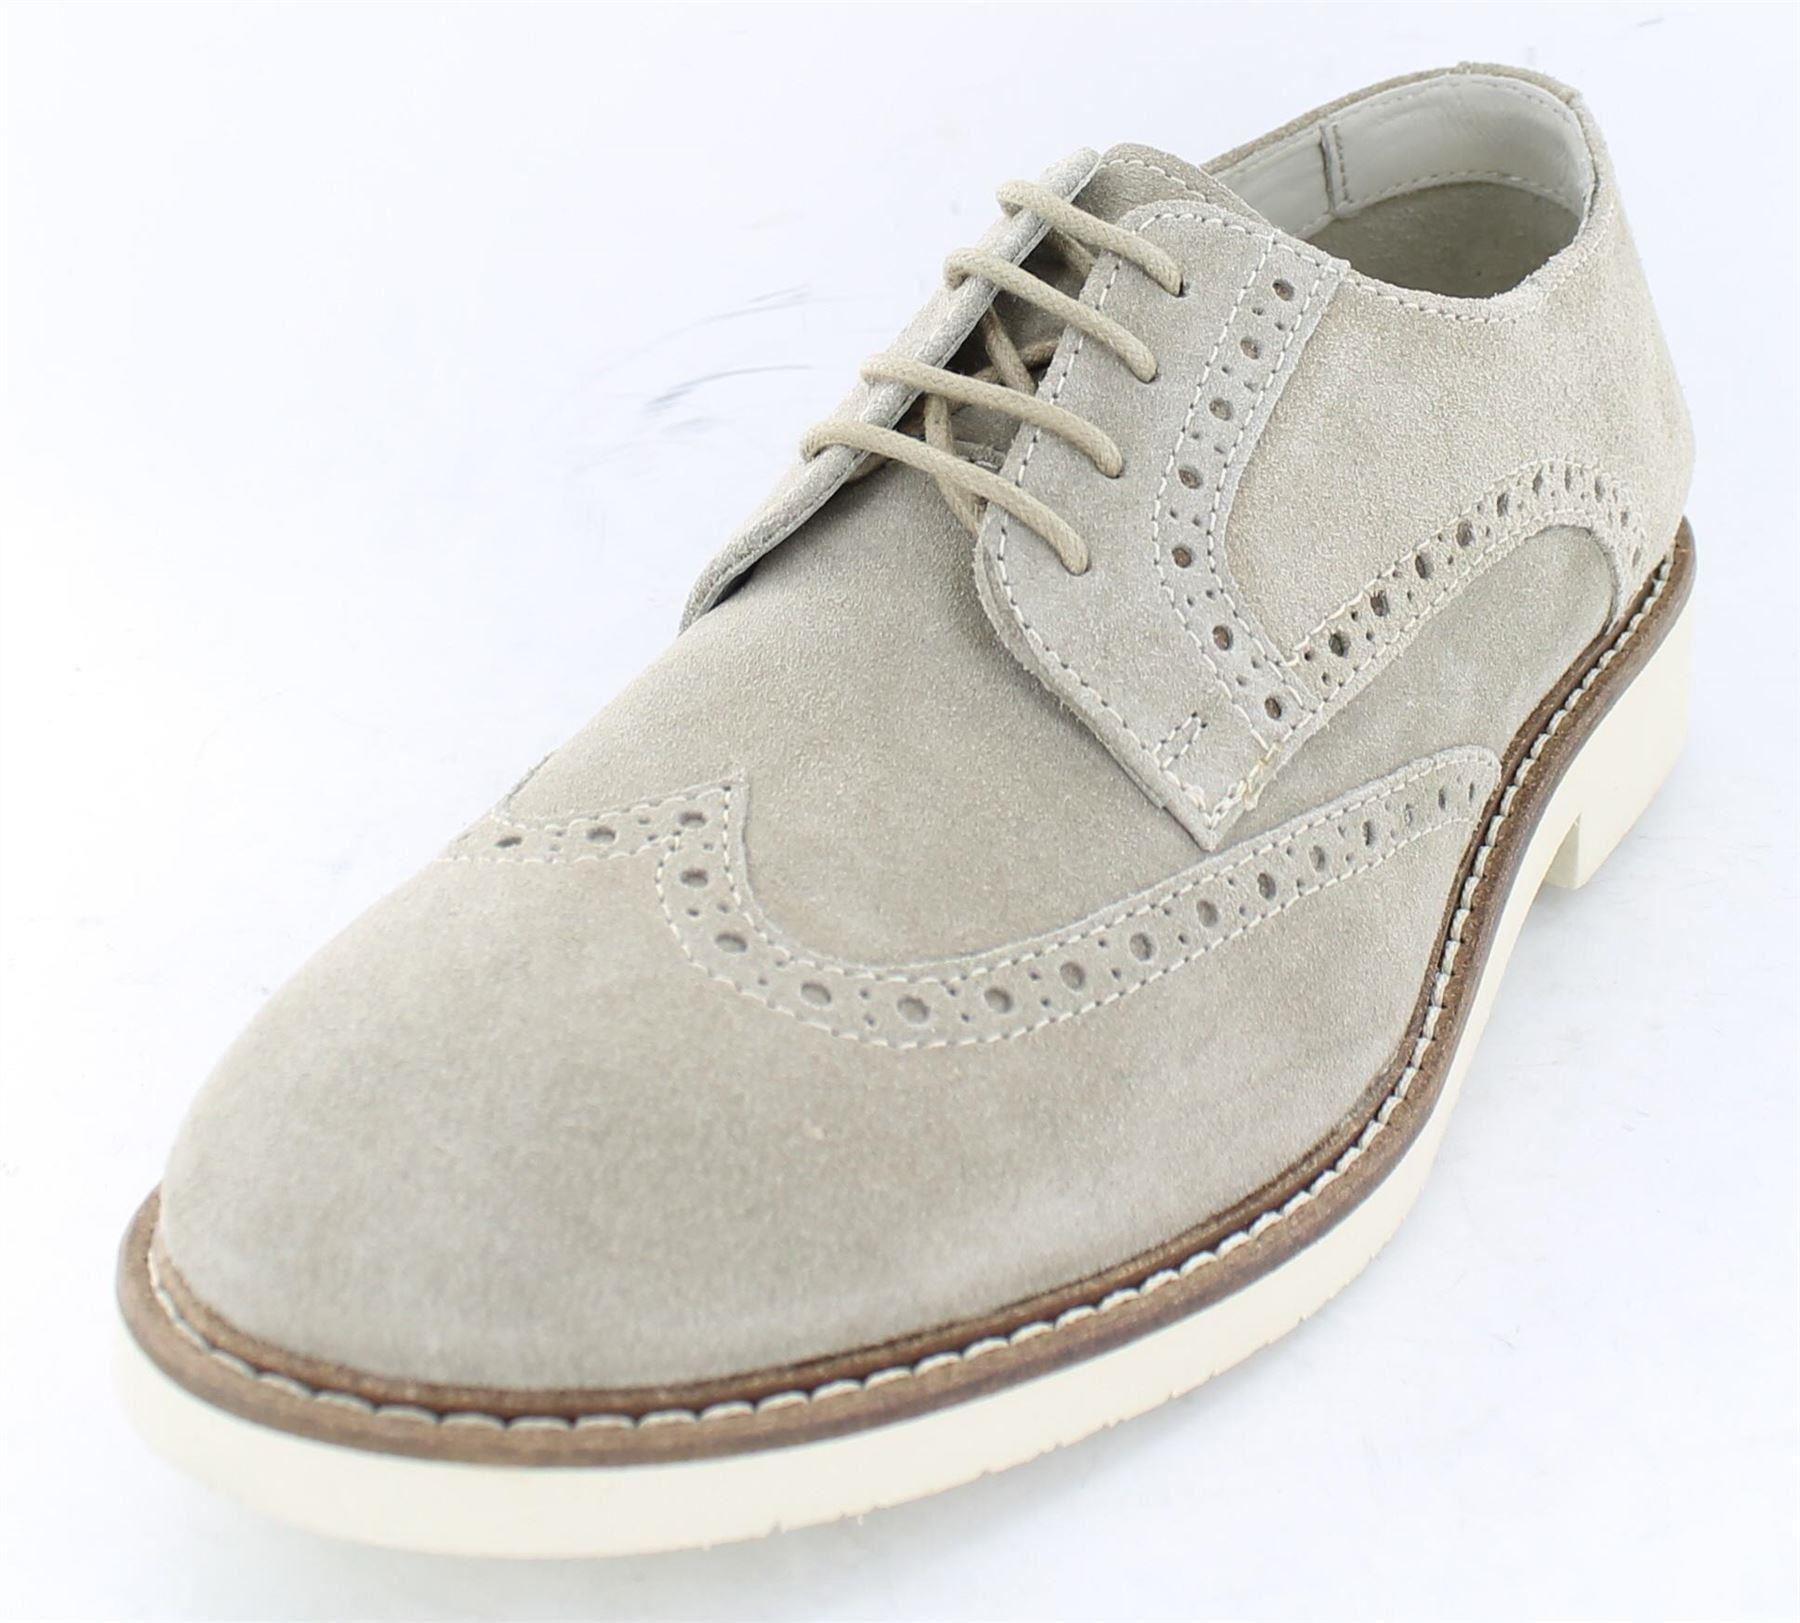 Mens Suedette Lace Up Shoes 274